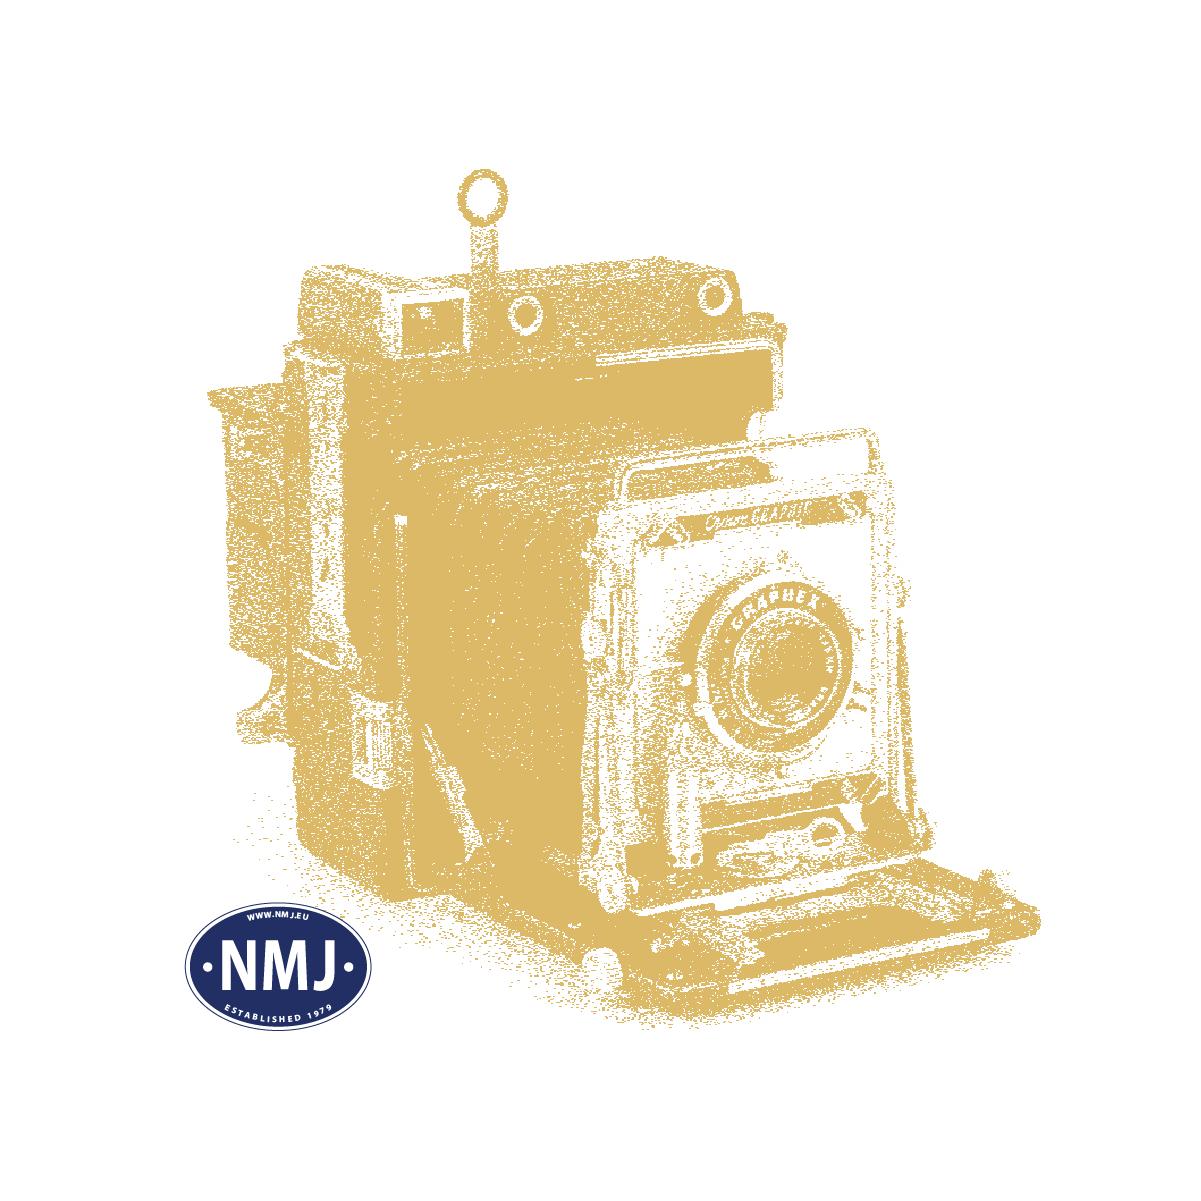 NMJT121.301 - NMJ Topline BC7-1 27044 Kinderwagen der NSB